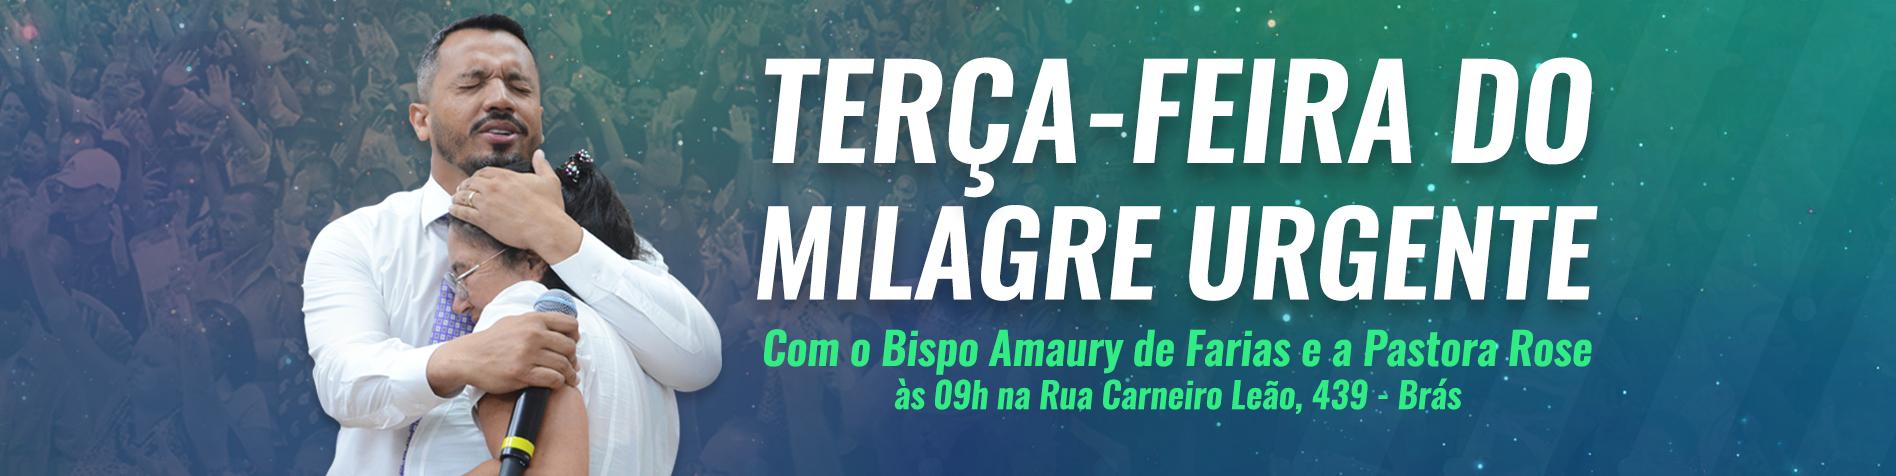 MIlagre Urgente - Bispo Amaury e Pastora Rose